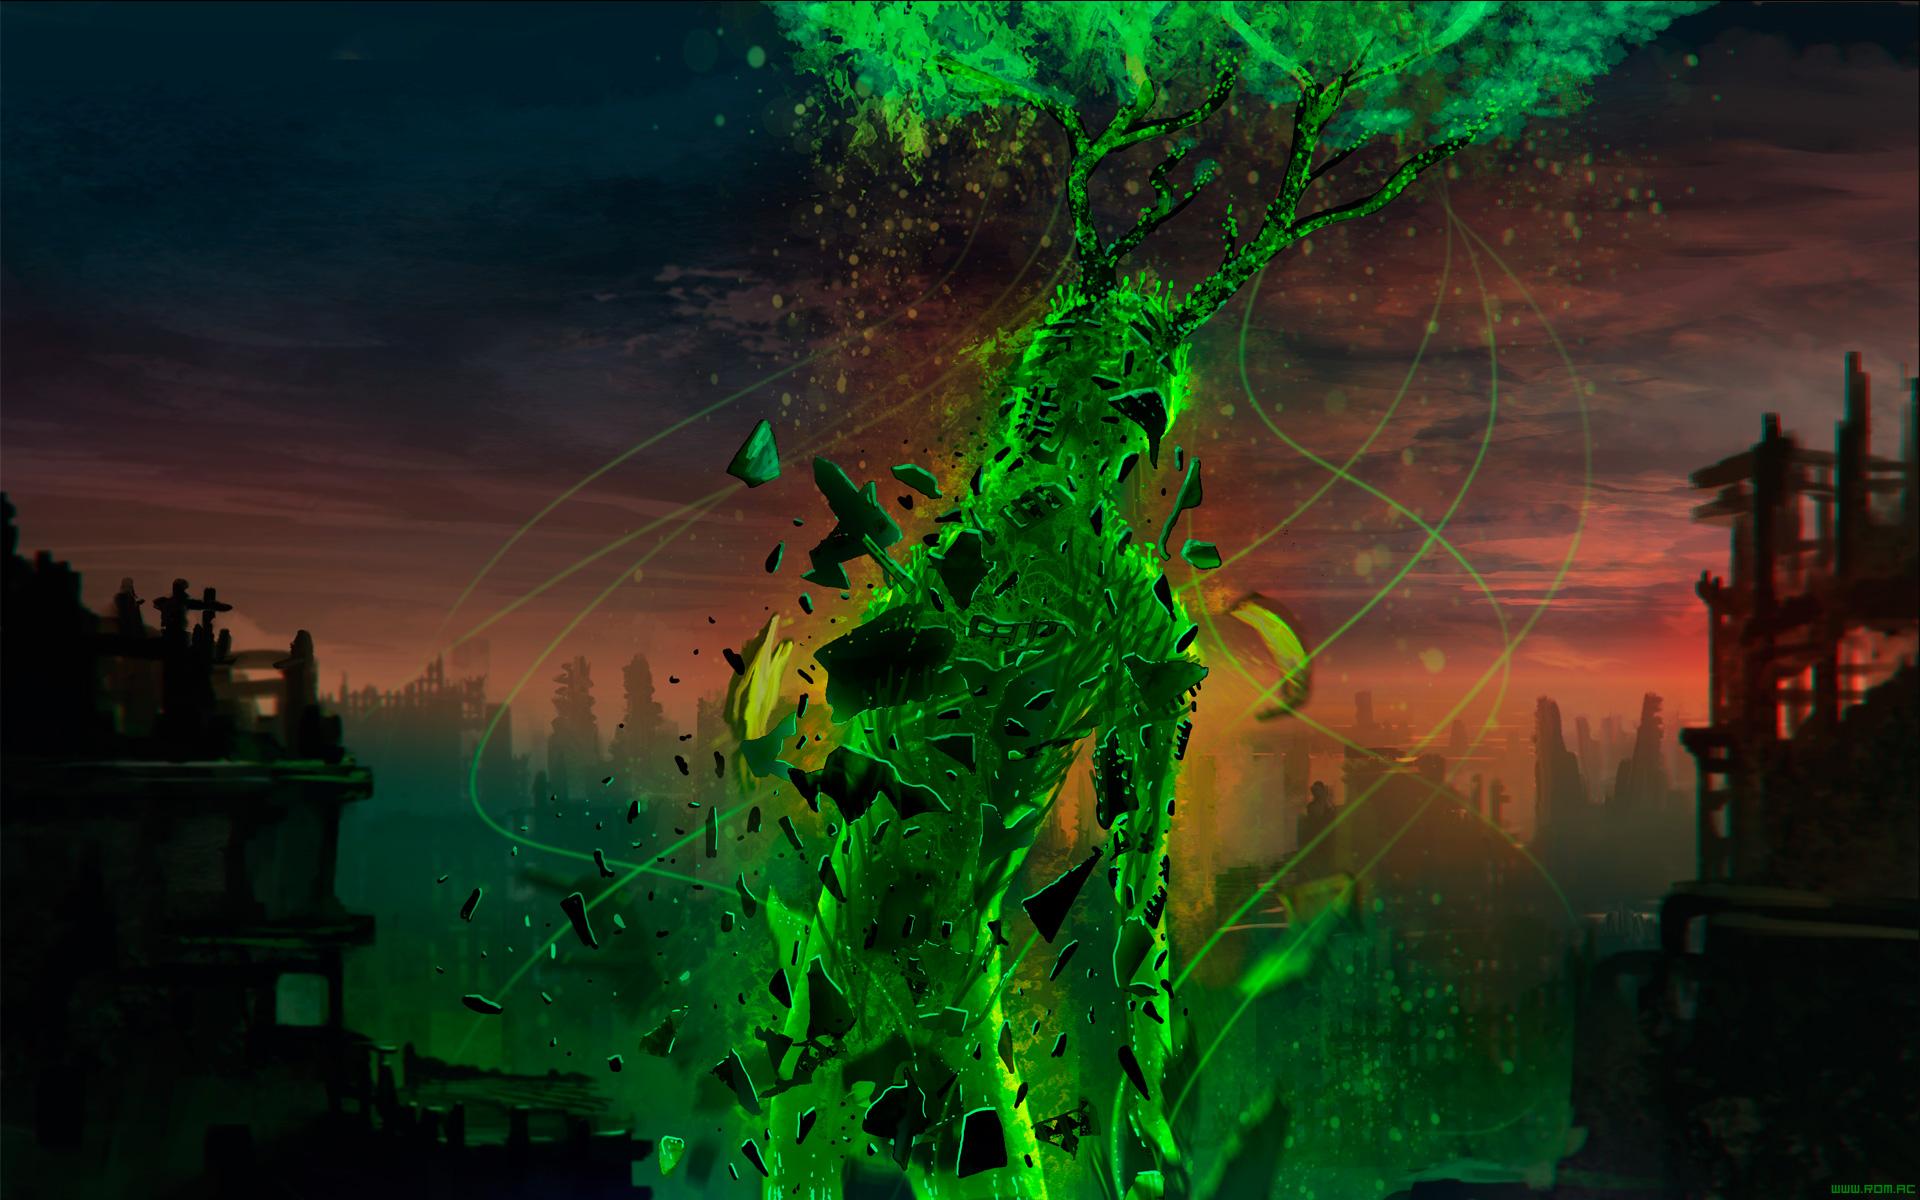 Atomic Liberation by alexiuss